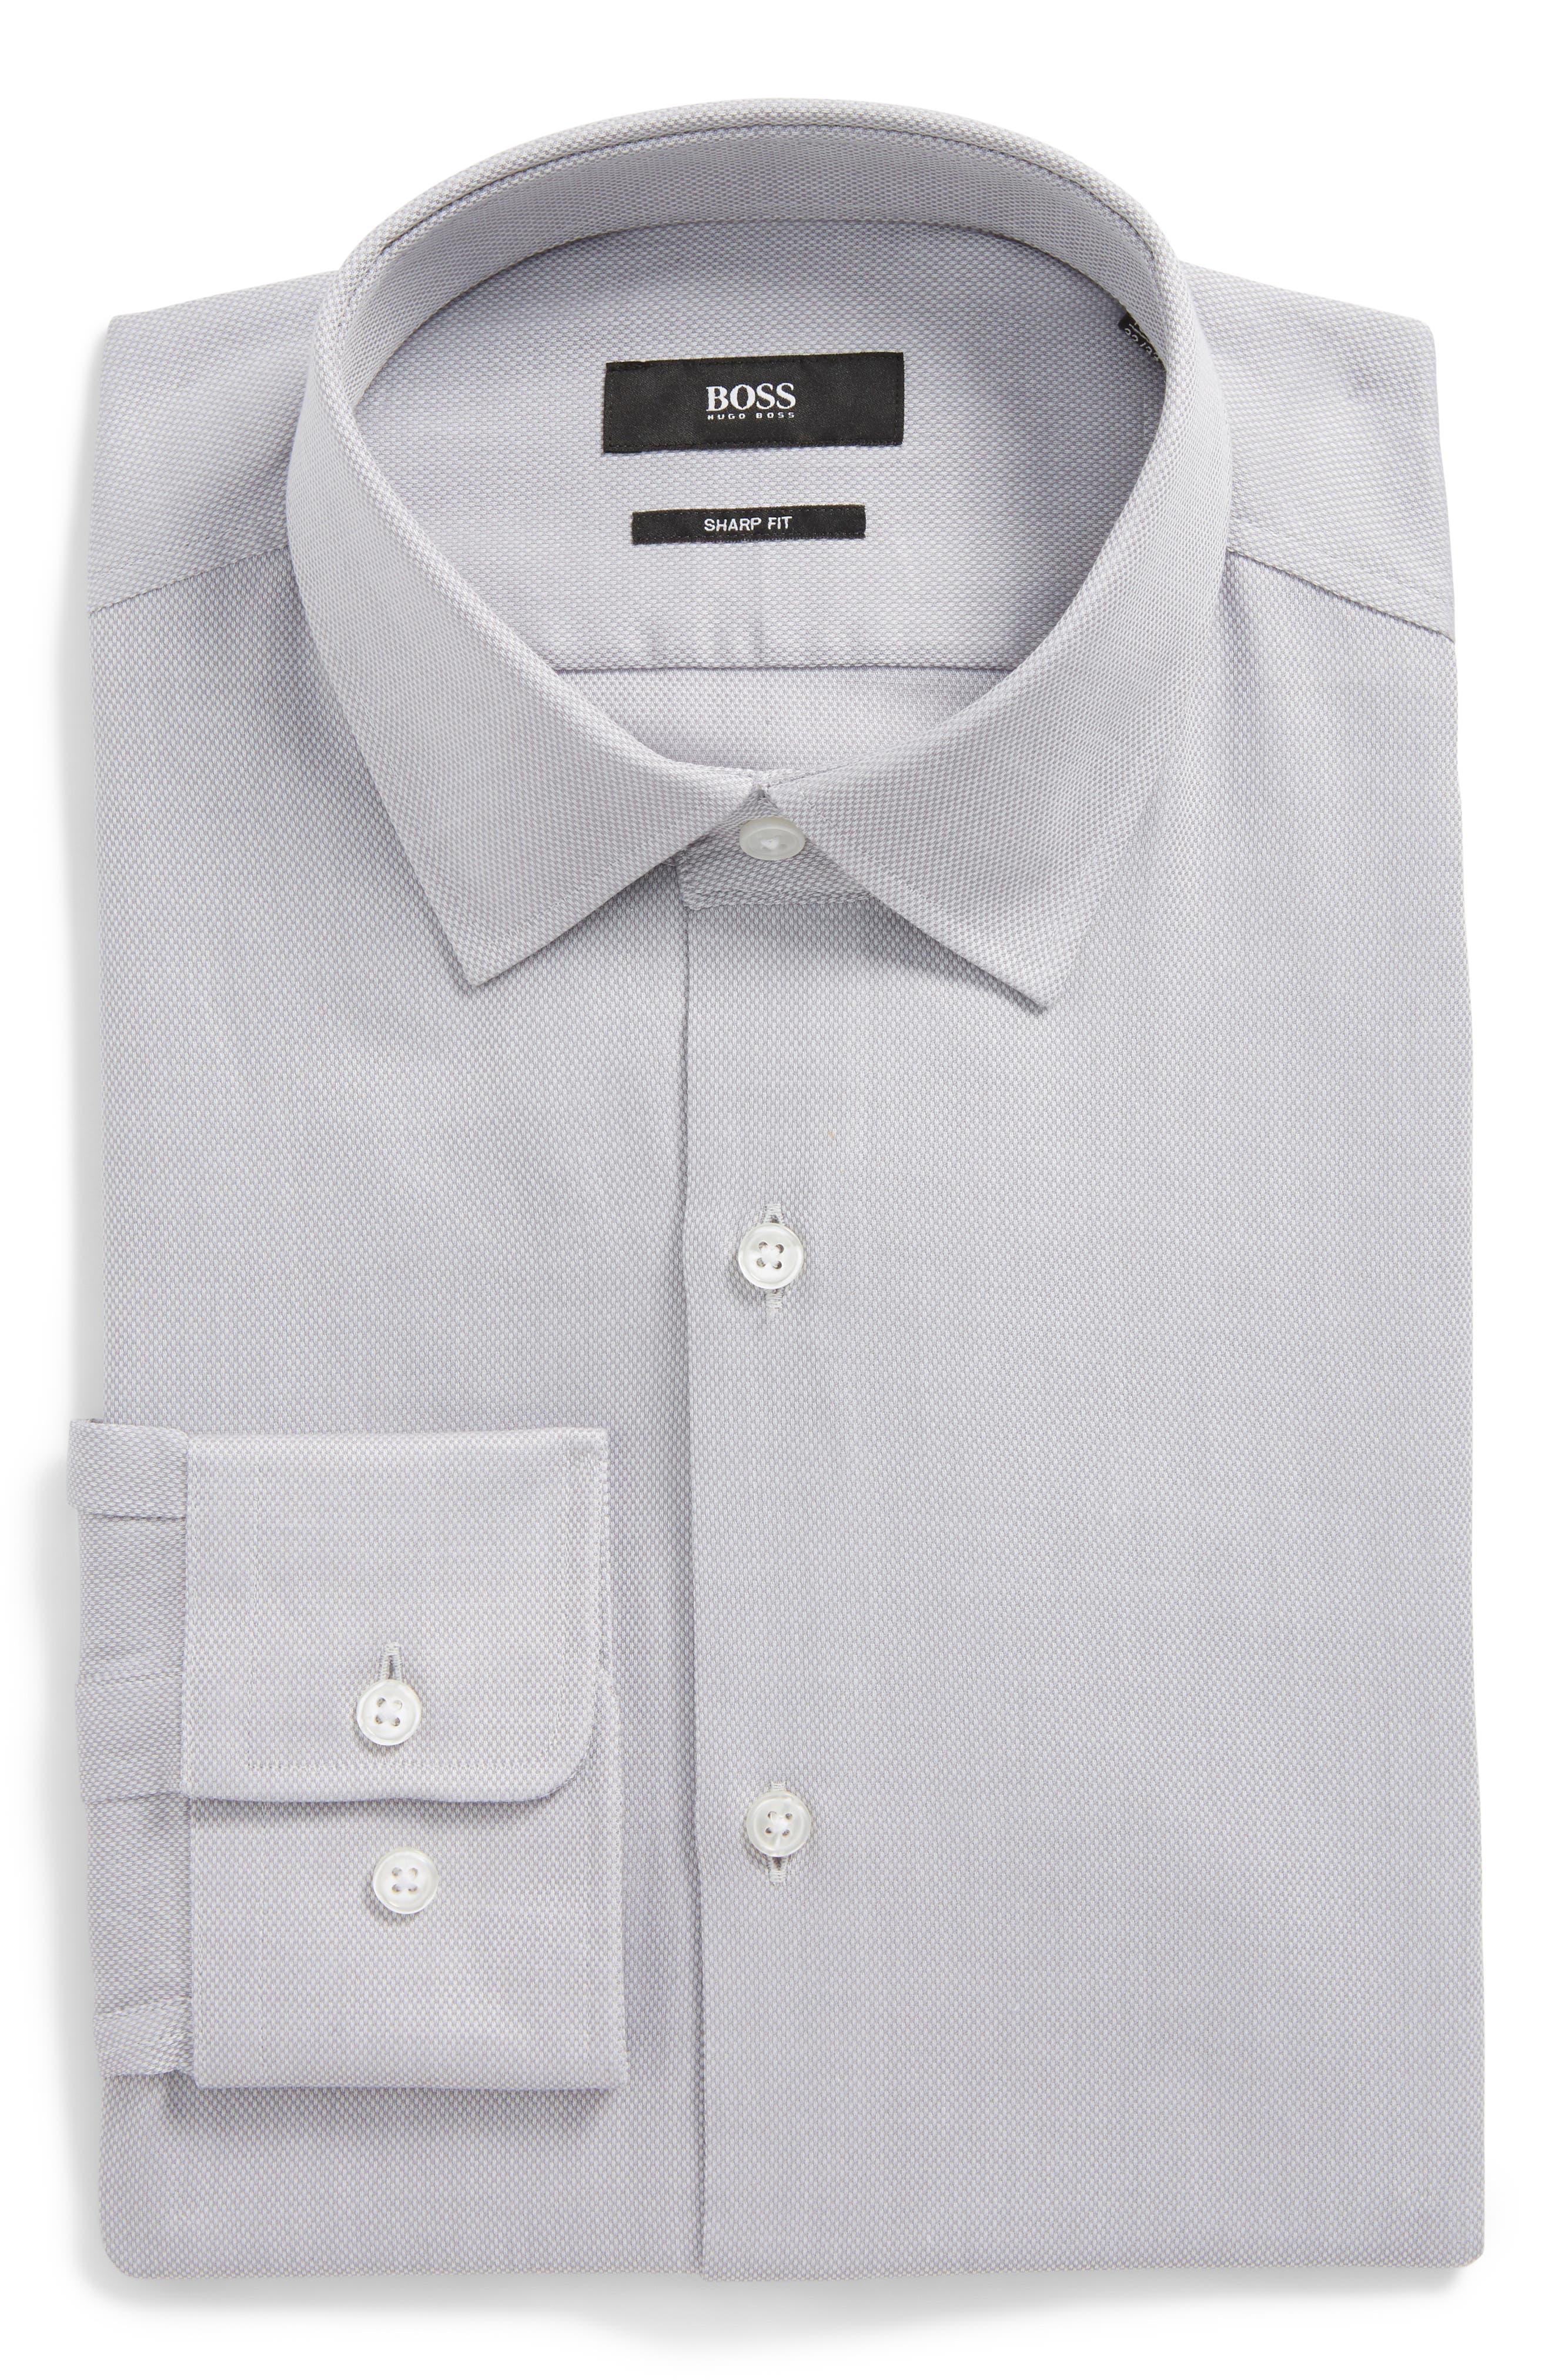 Marley Sharp Fit Dress Shirt,                             Main thumbnail 1, color,                             030